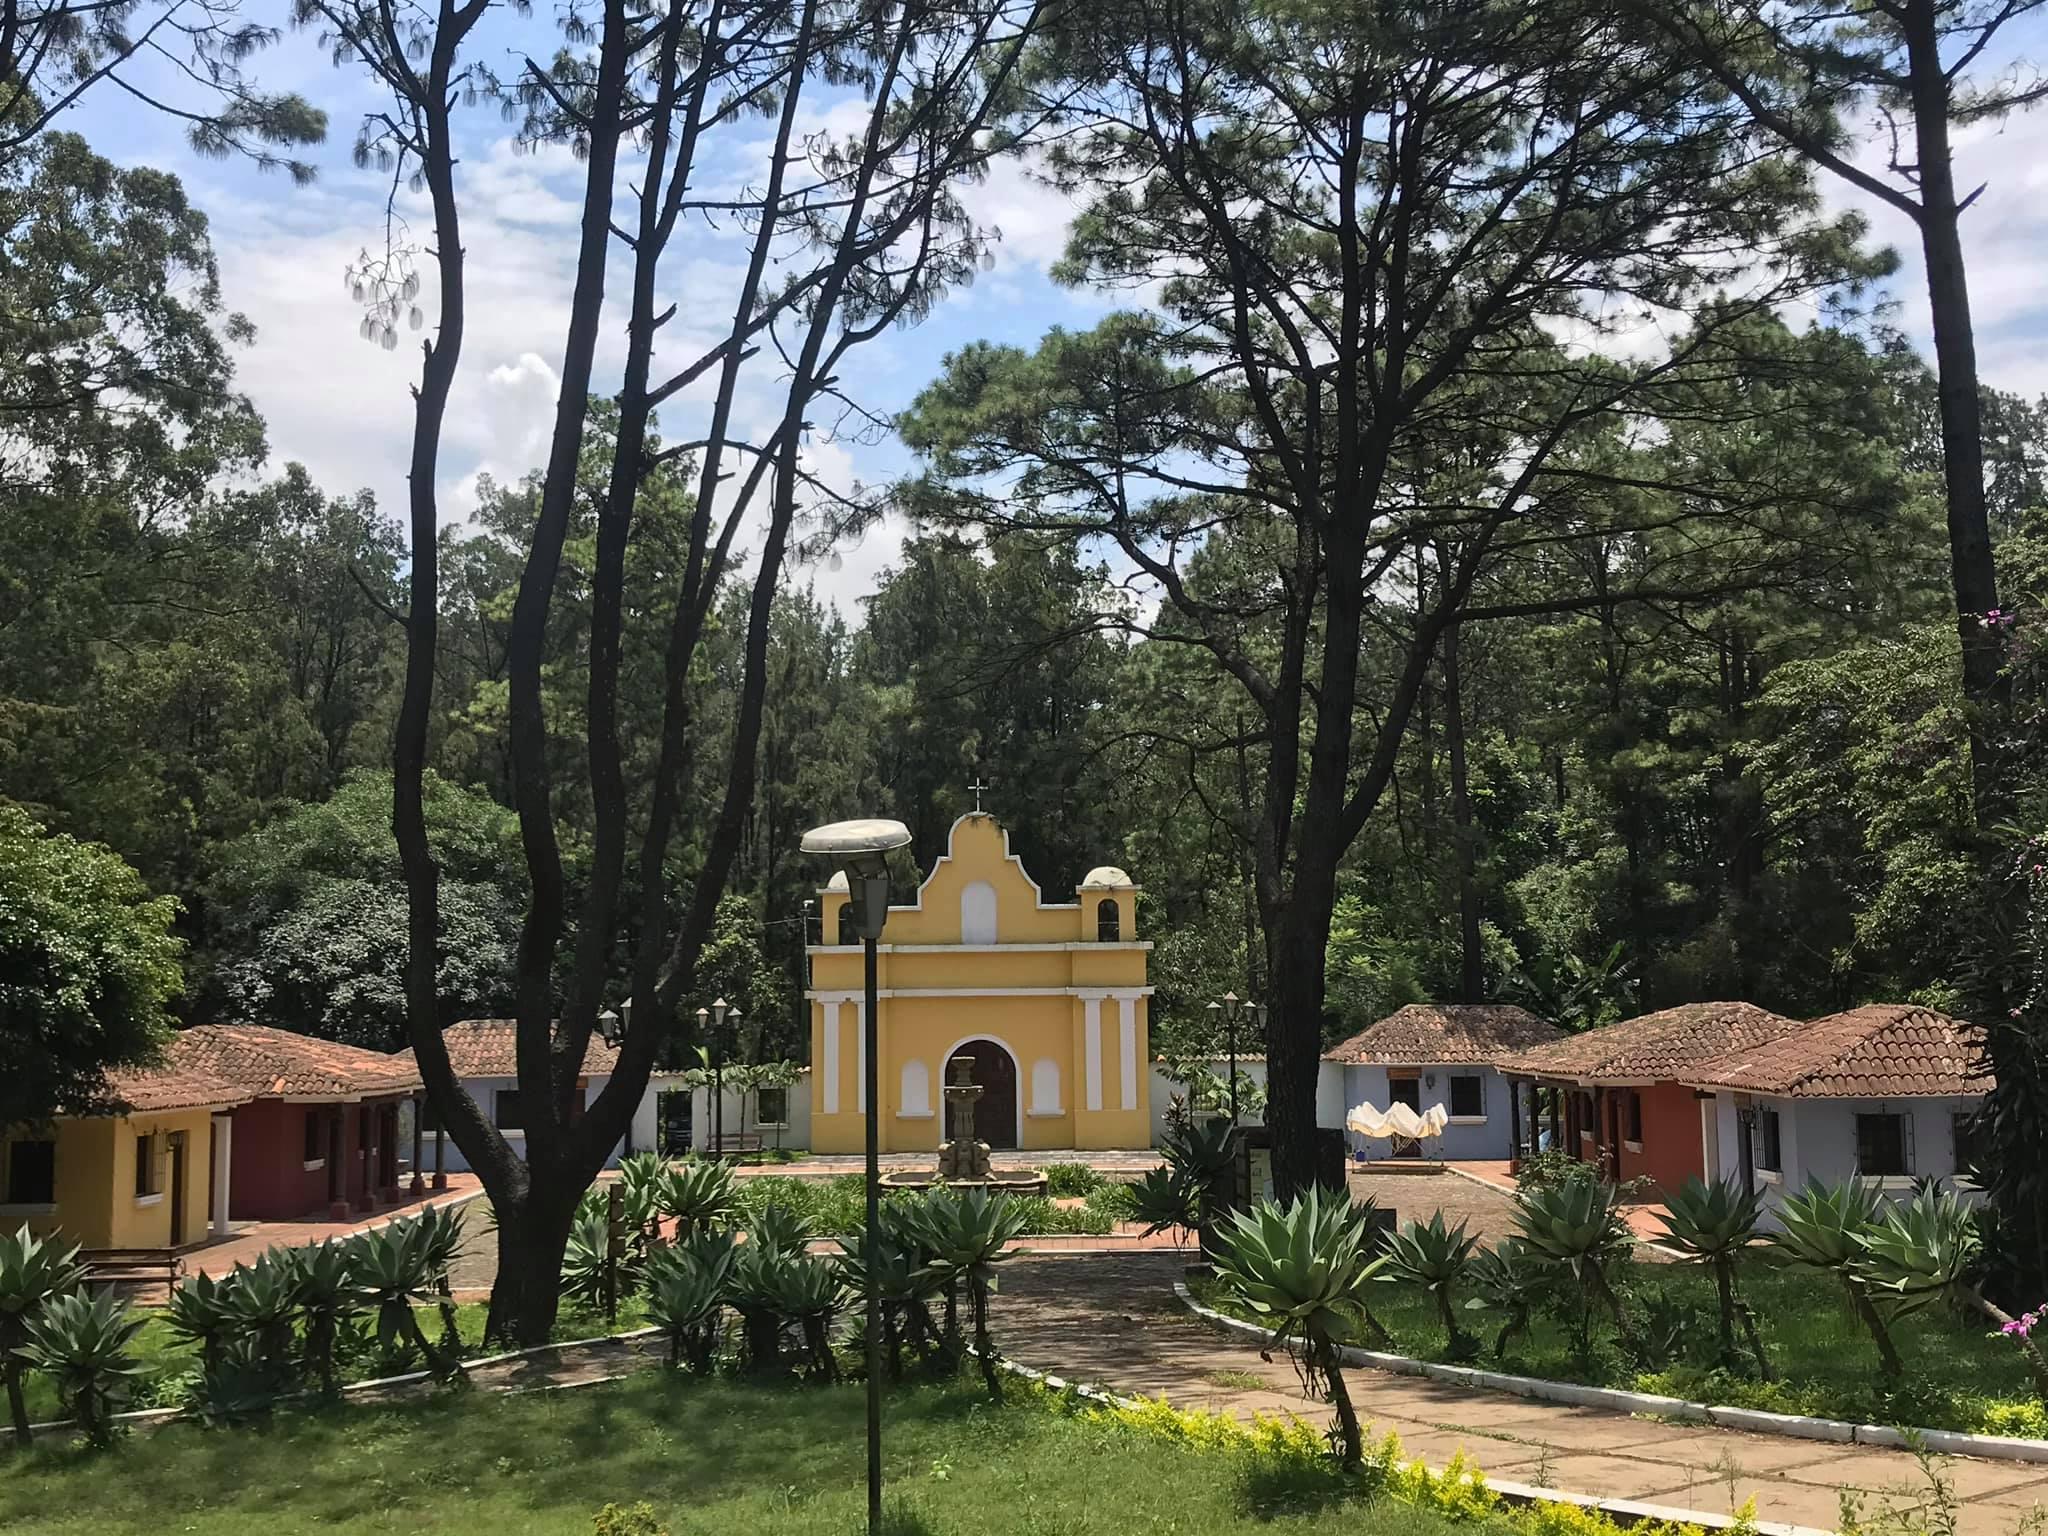 Los espacios verdes para disfrutar en la Ciudad de Guatemala imagen